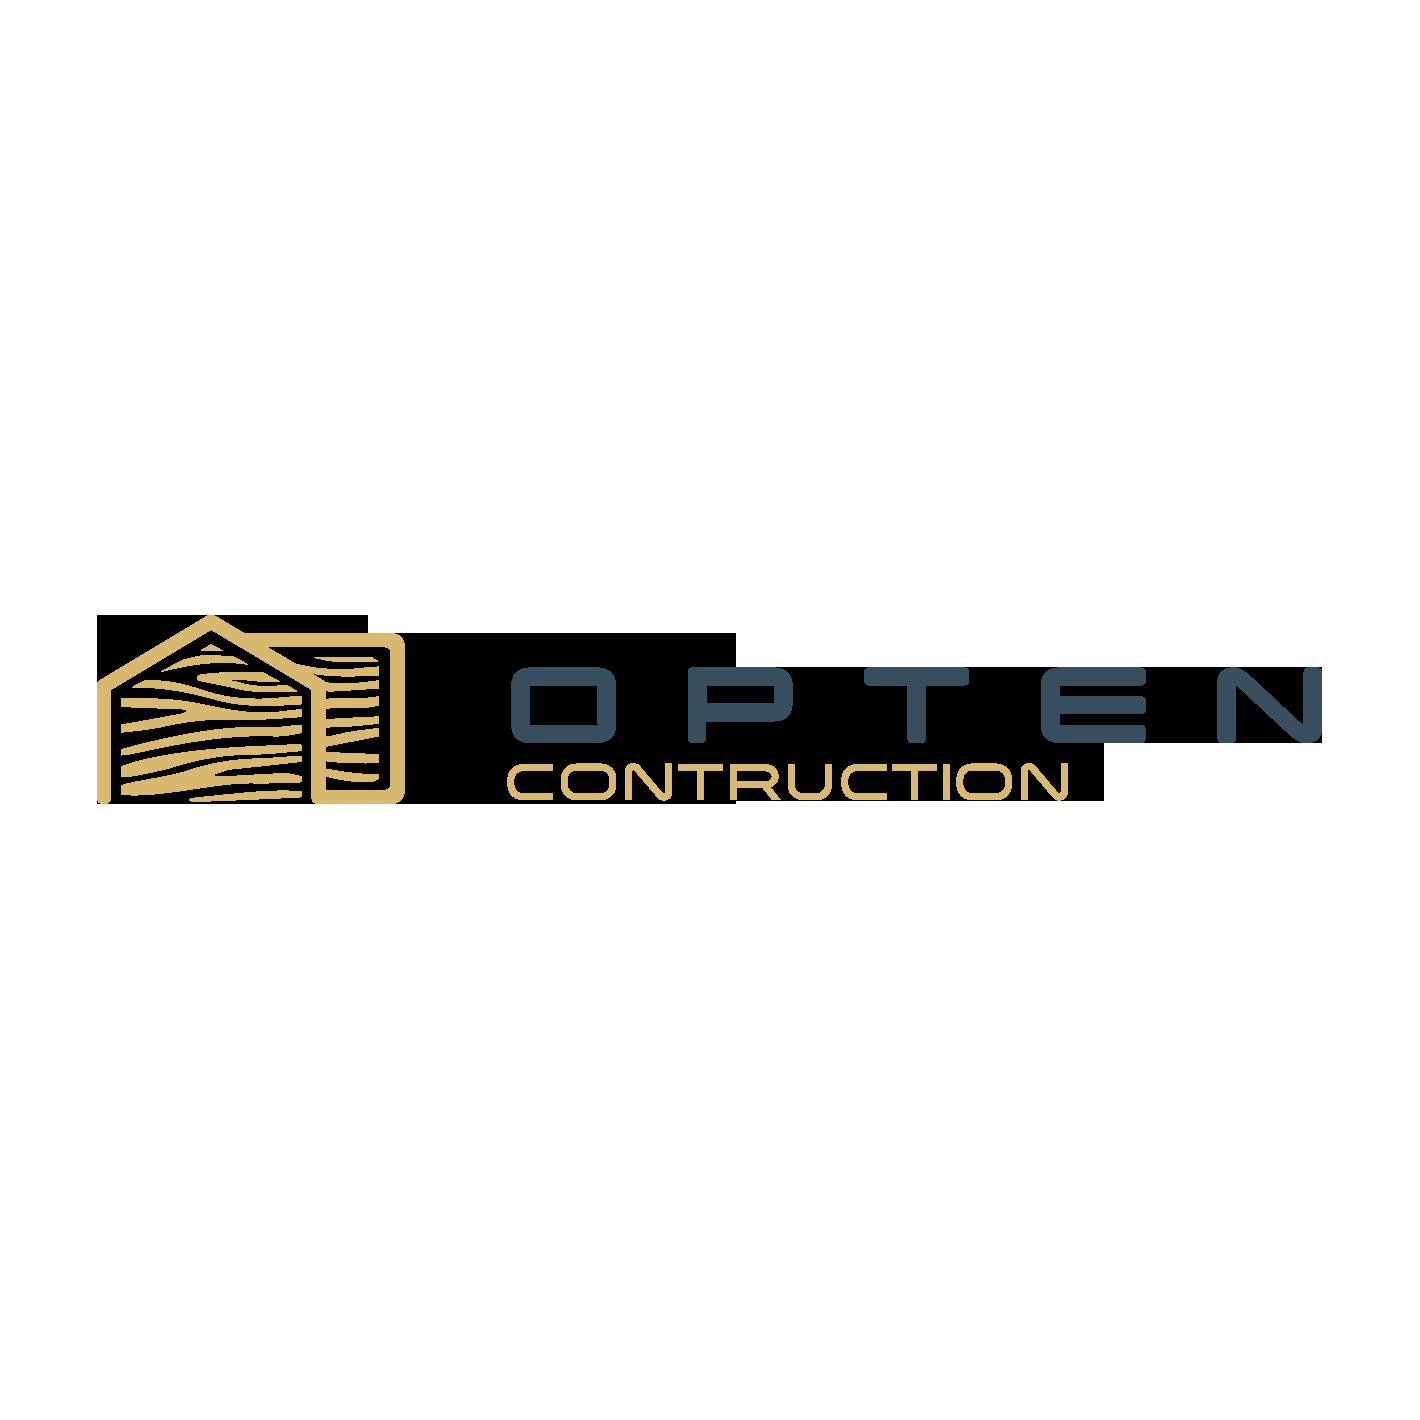 Créer un logo efficace : identification de l'activité, de la technique et de la modernité